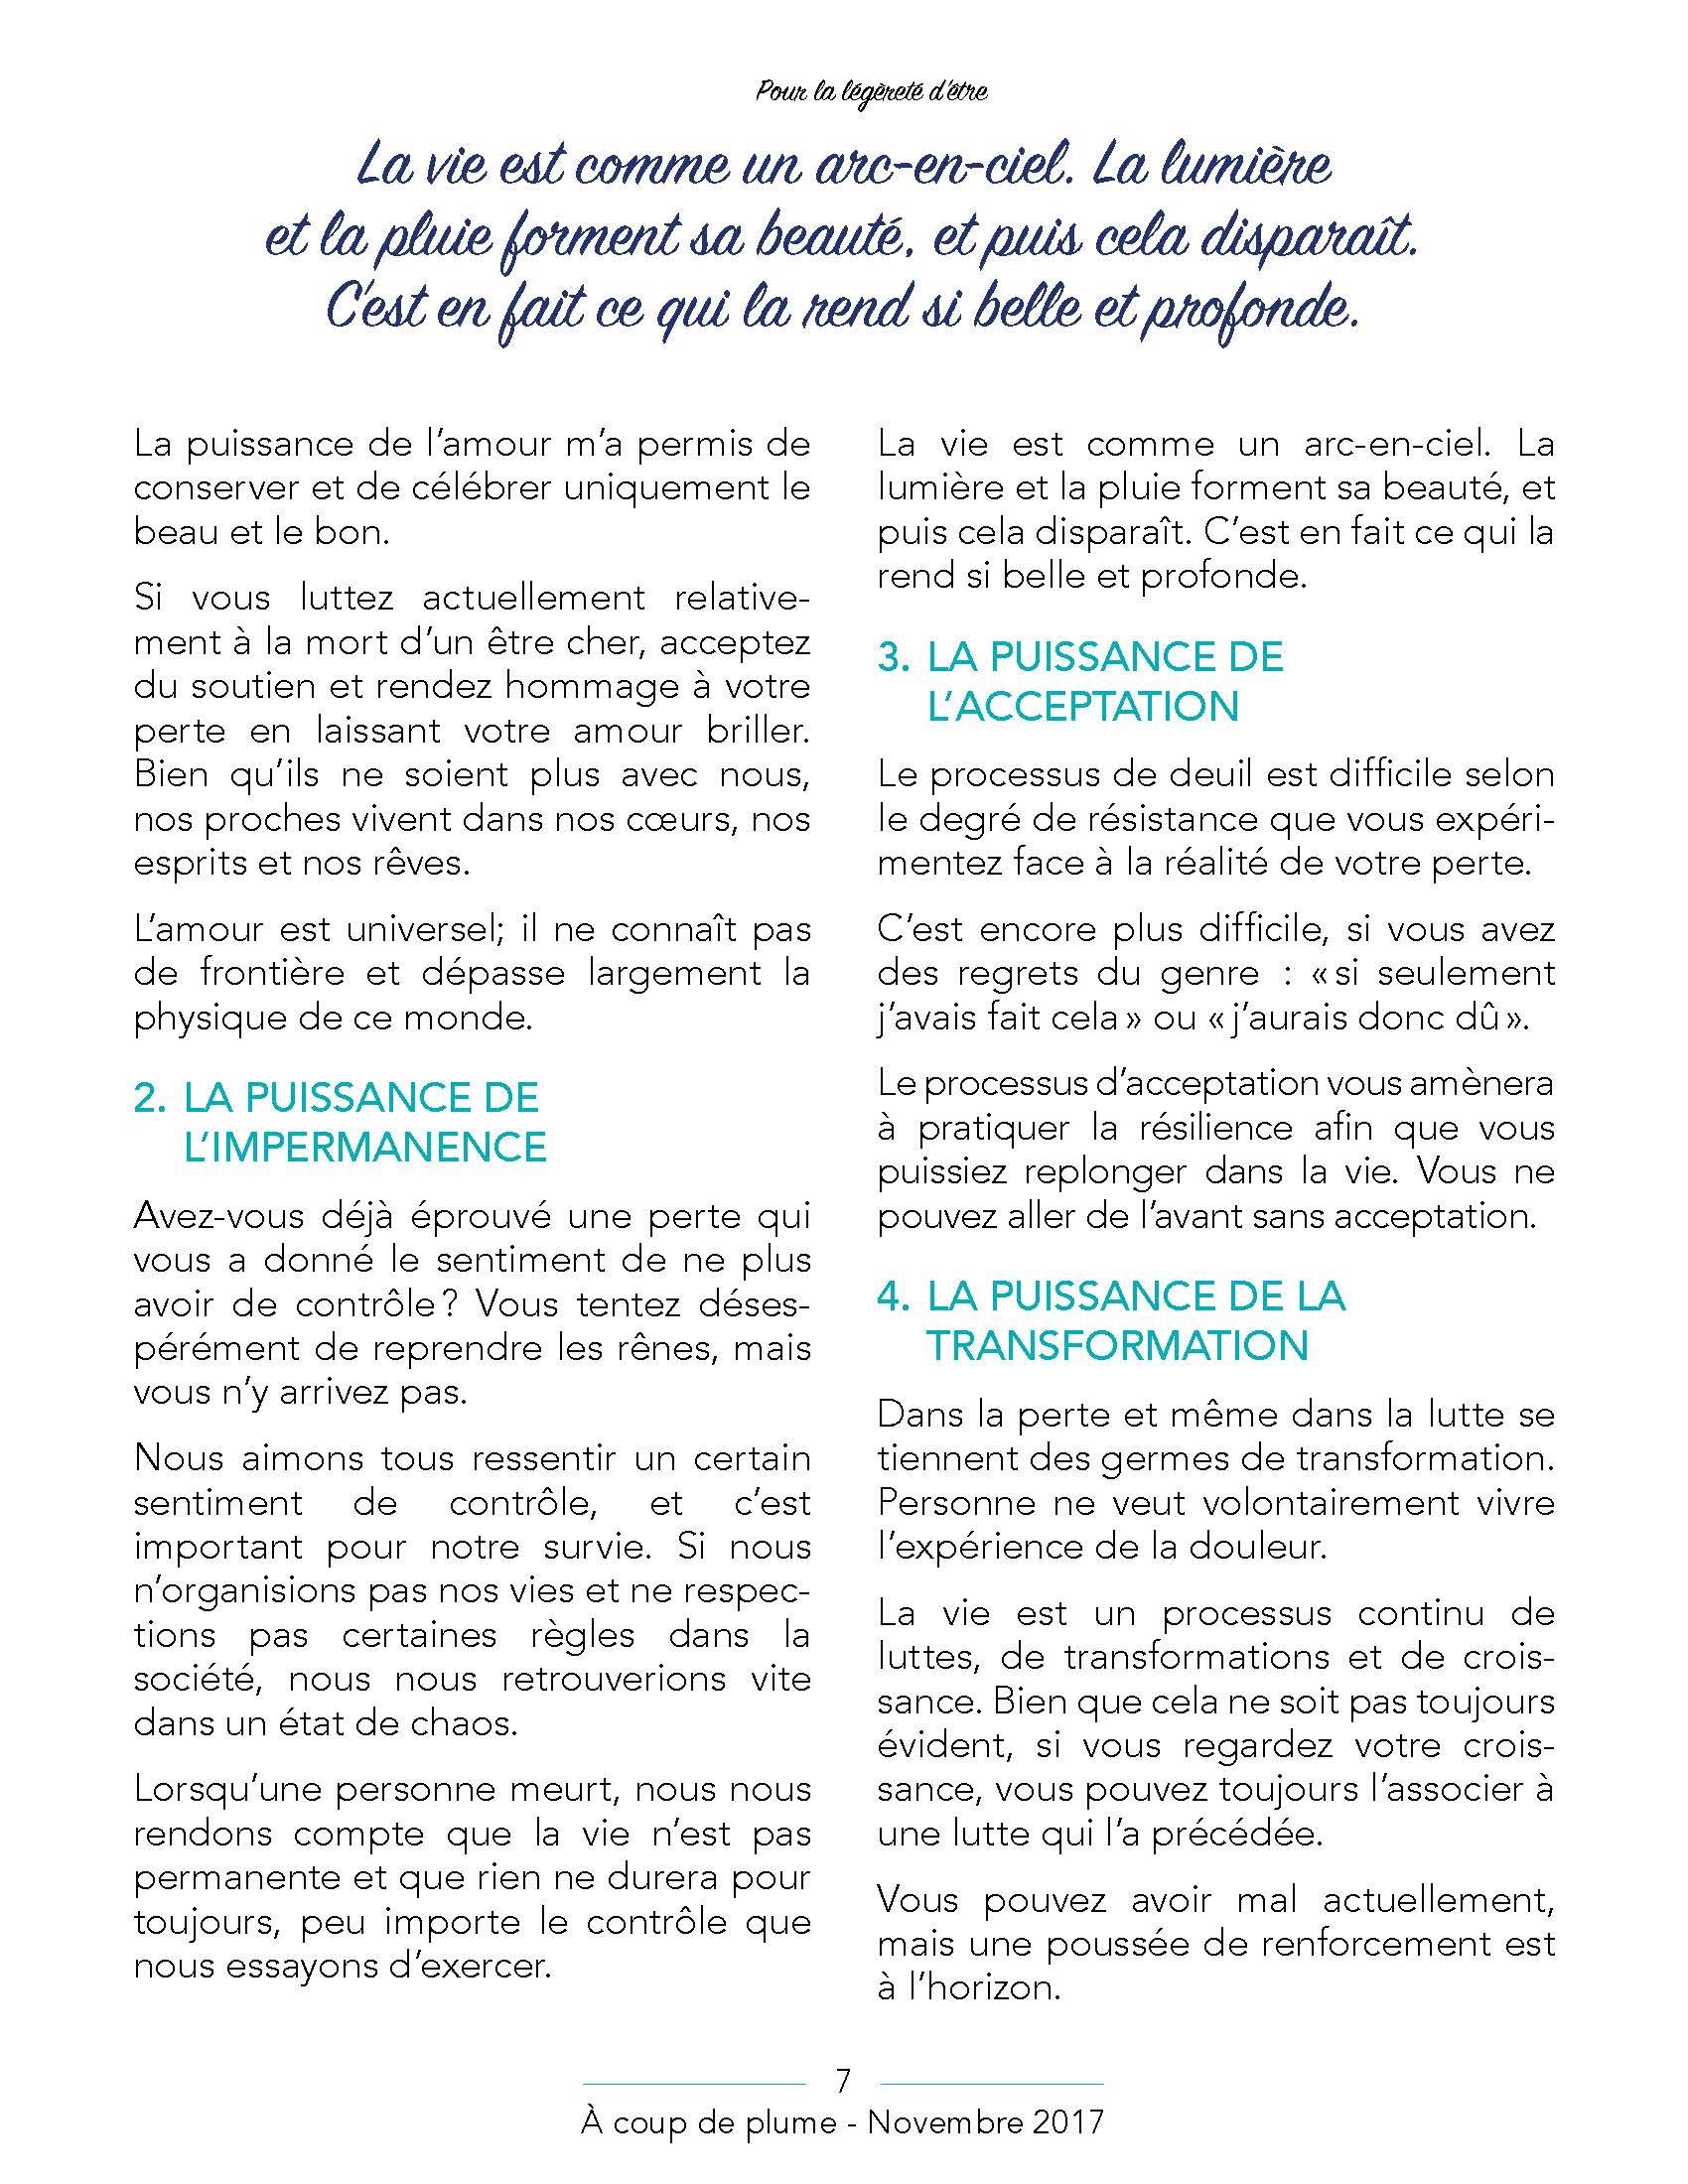 ACP - Novembre 2017 - Page 7